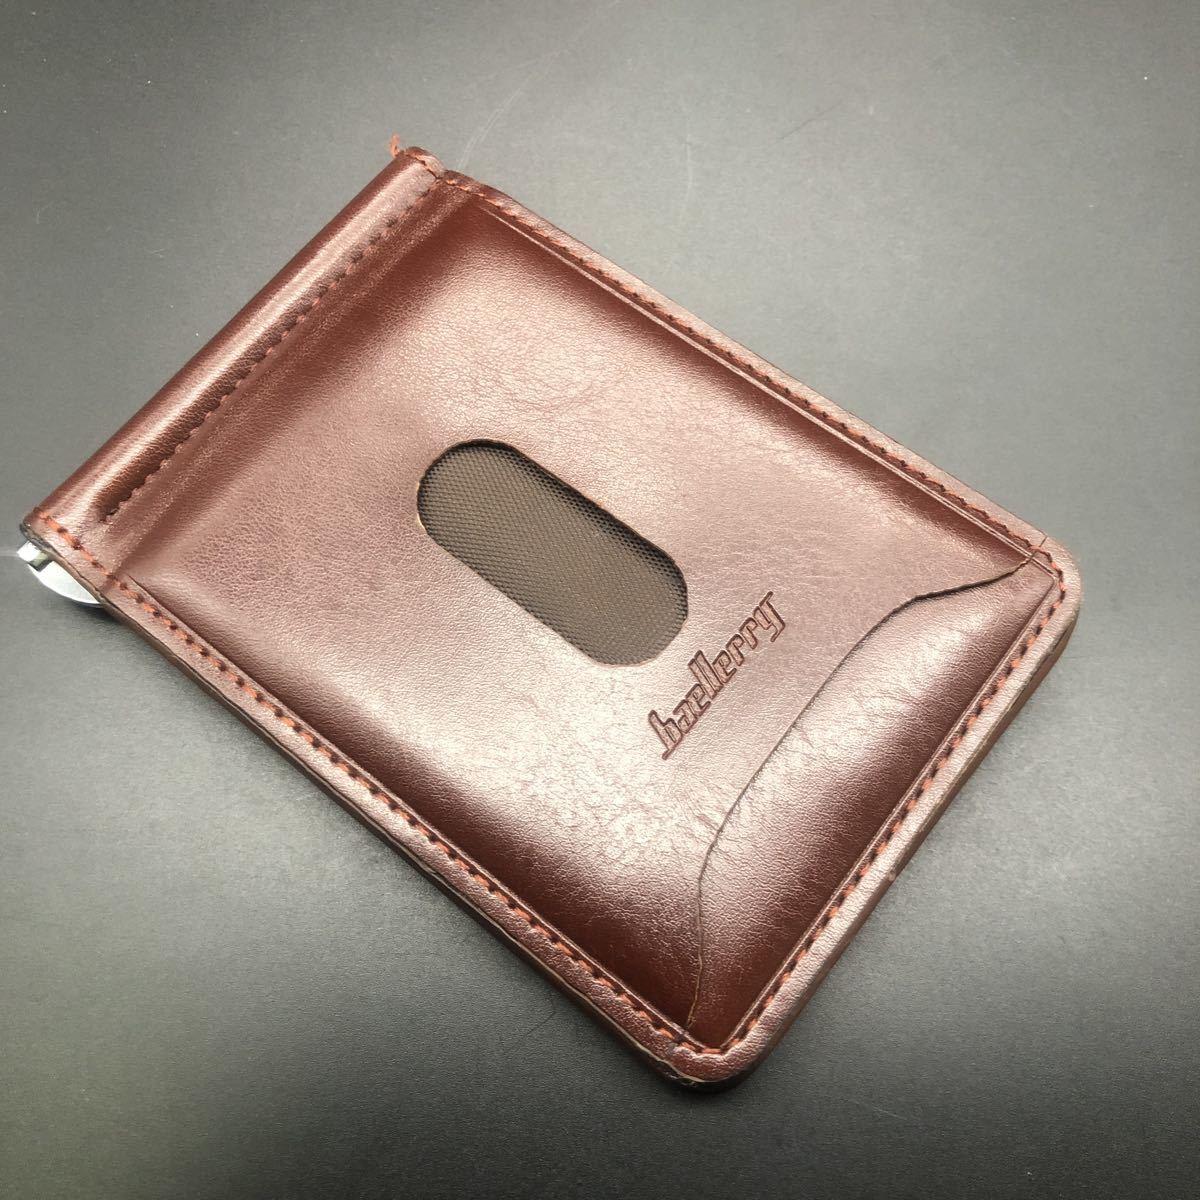 即決 baellerry 財布 マネークリップ 小銭入れ パスケース_画像1